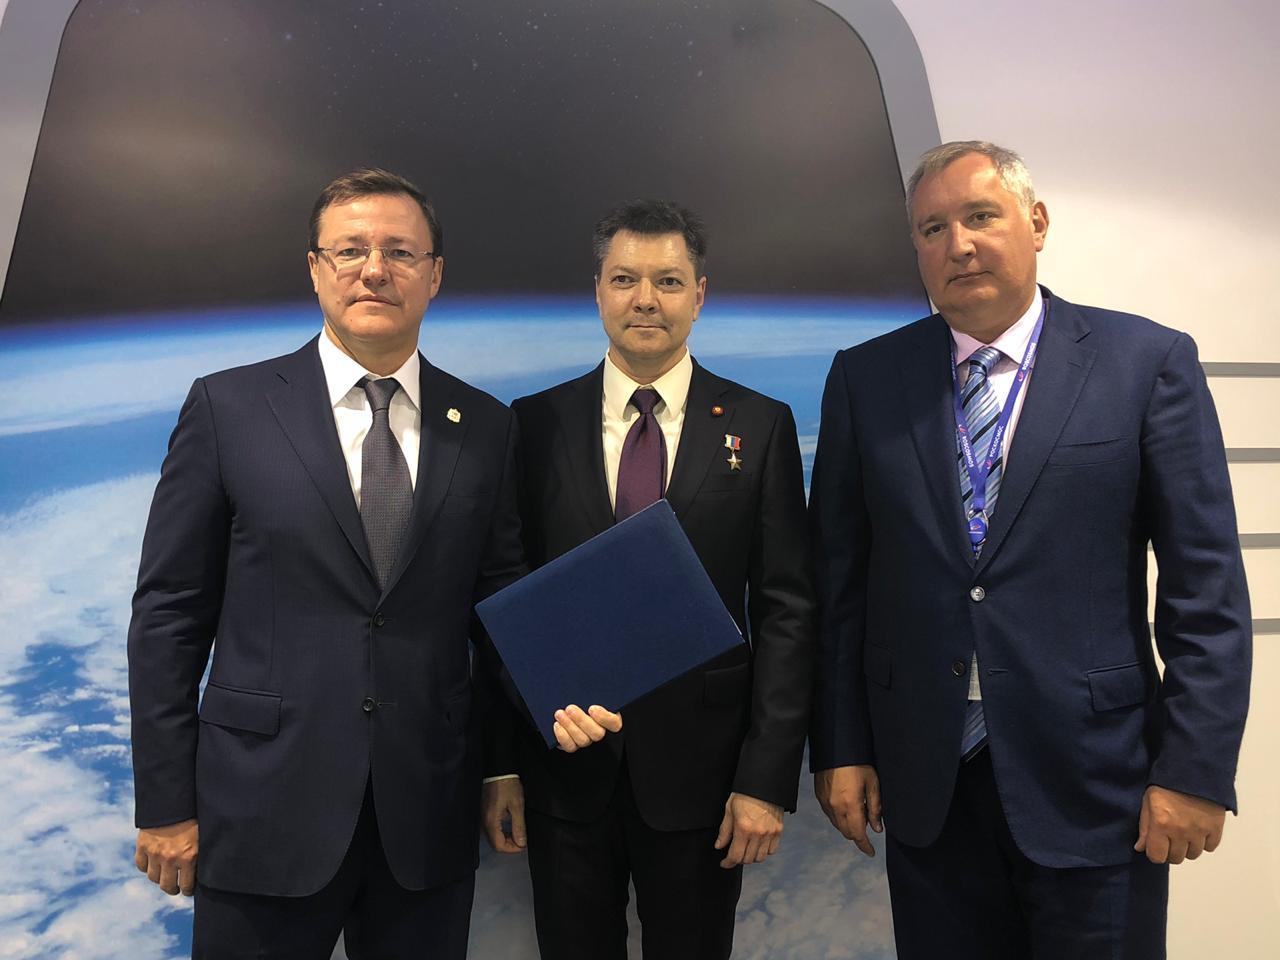 На МАКС-2019 Самарская область и «Роскосмос» подписали соглашение о сотрудничестве